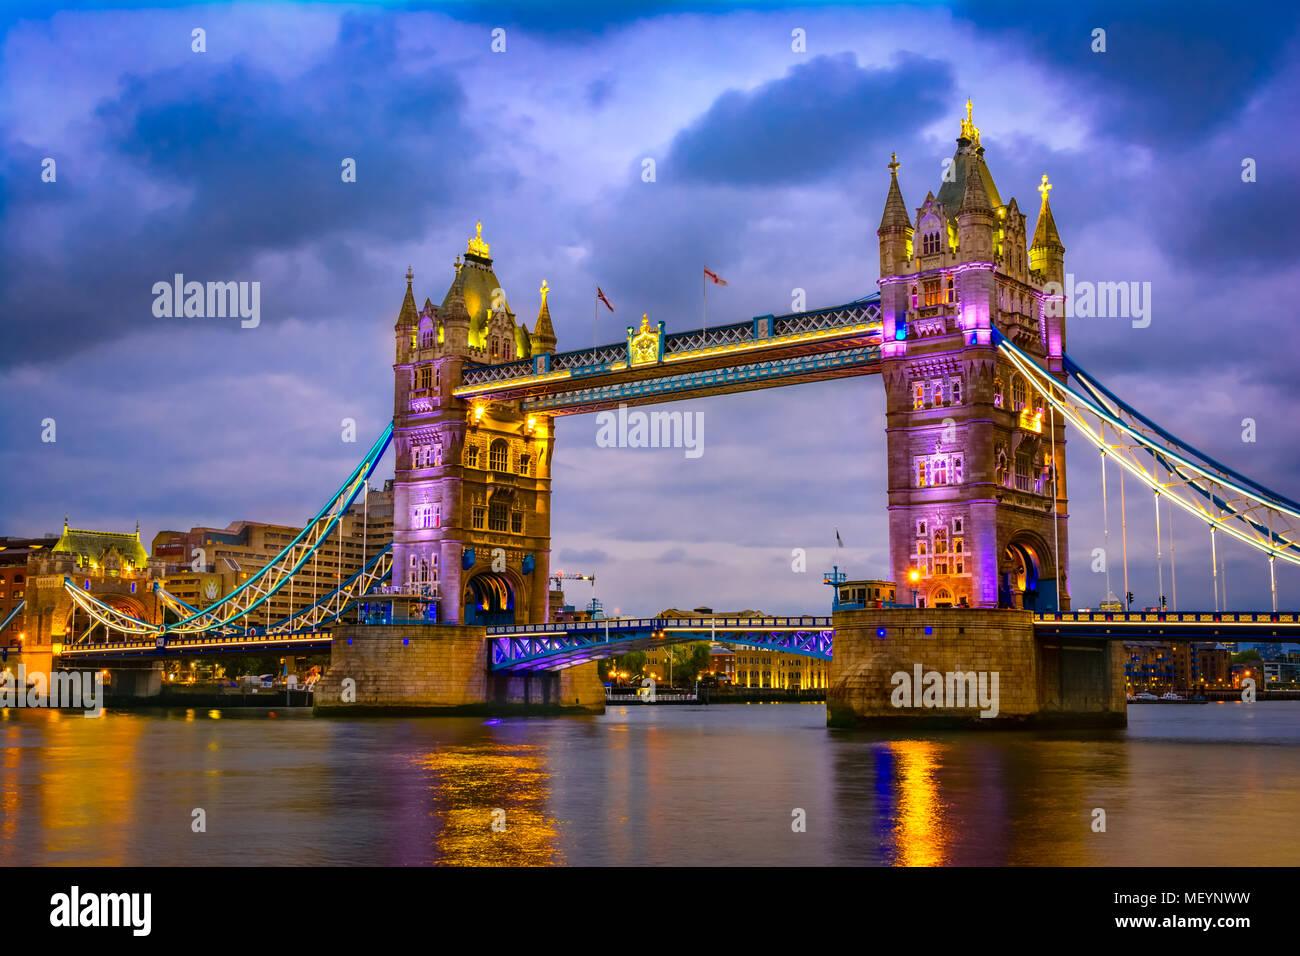 Londres, le Royaume-Uni de Grande-Bretagne: Vue de nuit de la tour du pont après le coucher du soleil Photo Stock